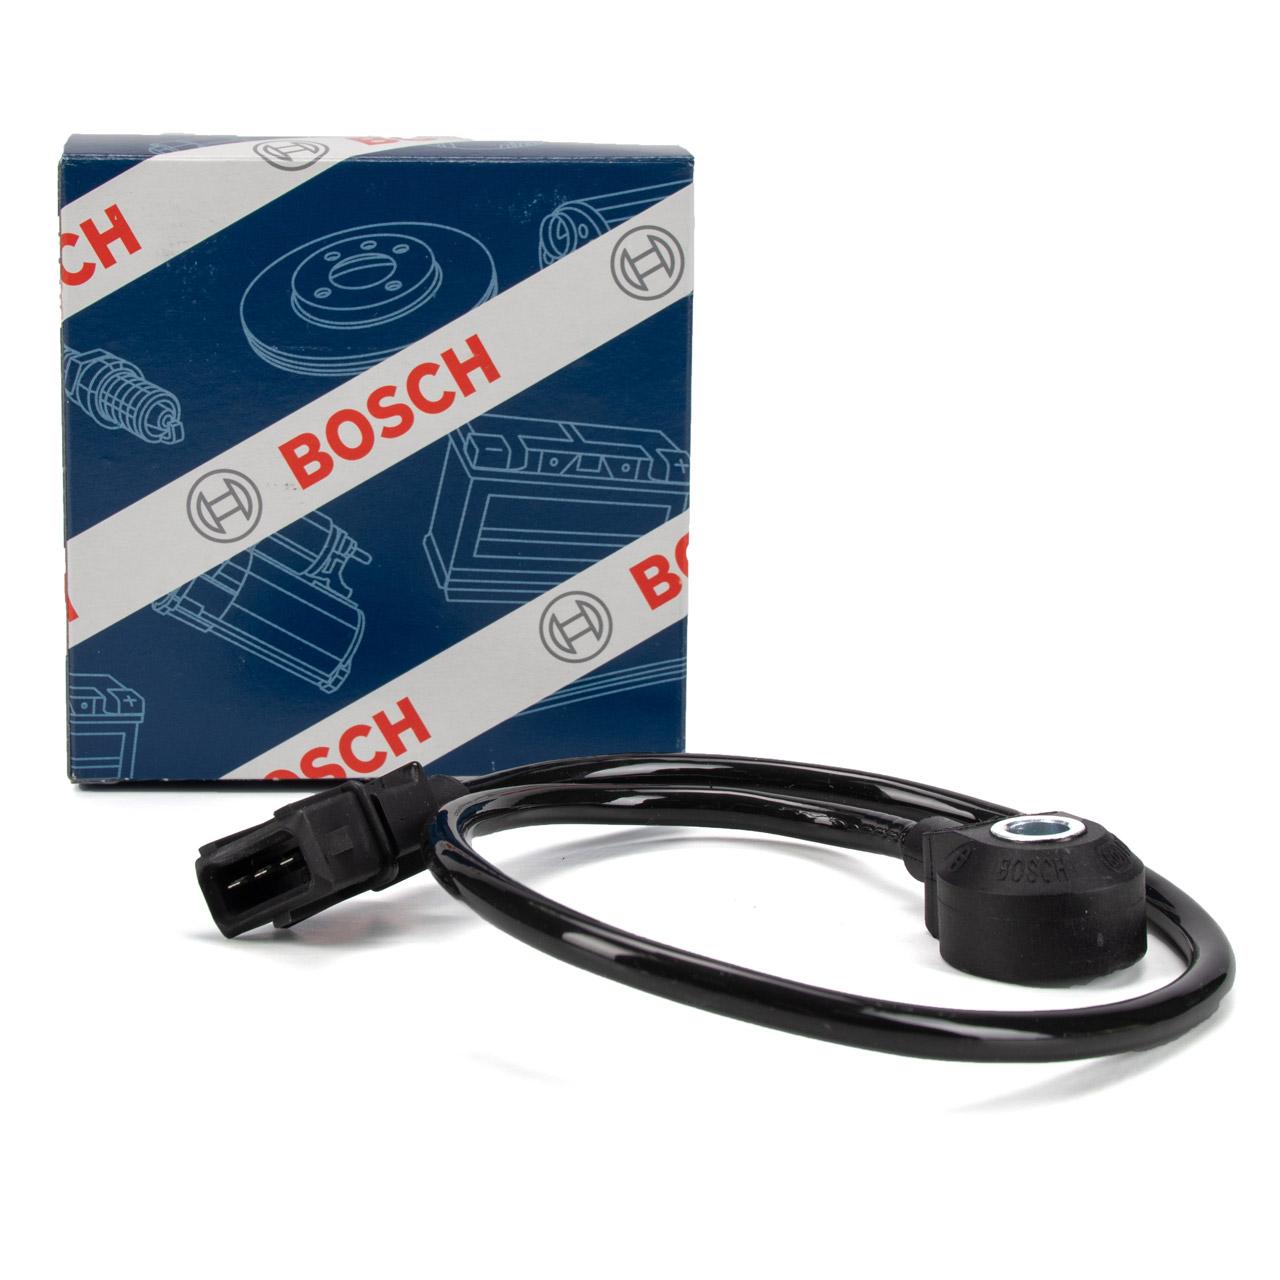 BOSCH 0261231008 Klopfsensor für PORSCHE 928 5.0 S / 5.0 GT 91160614100